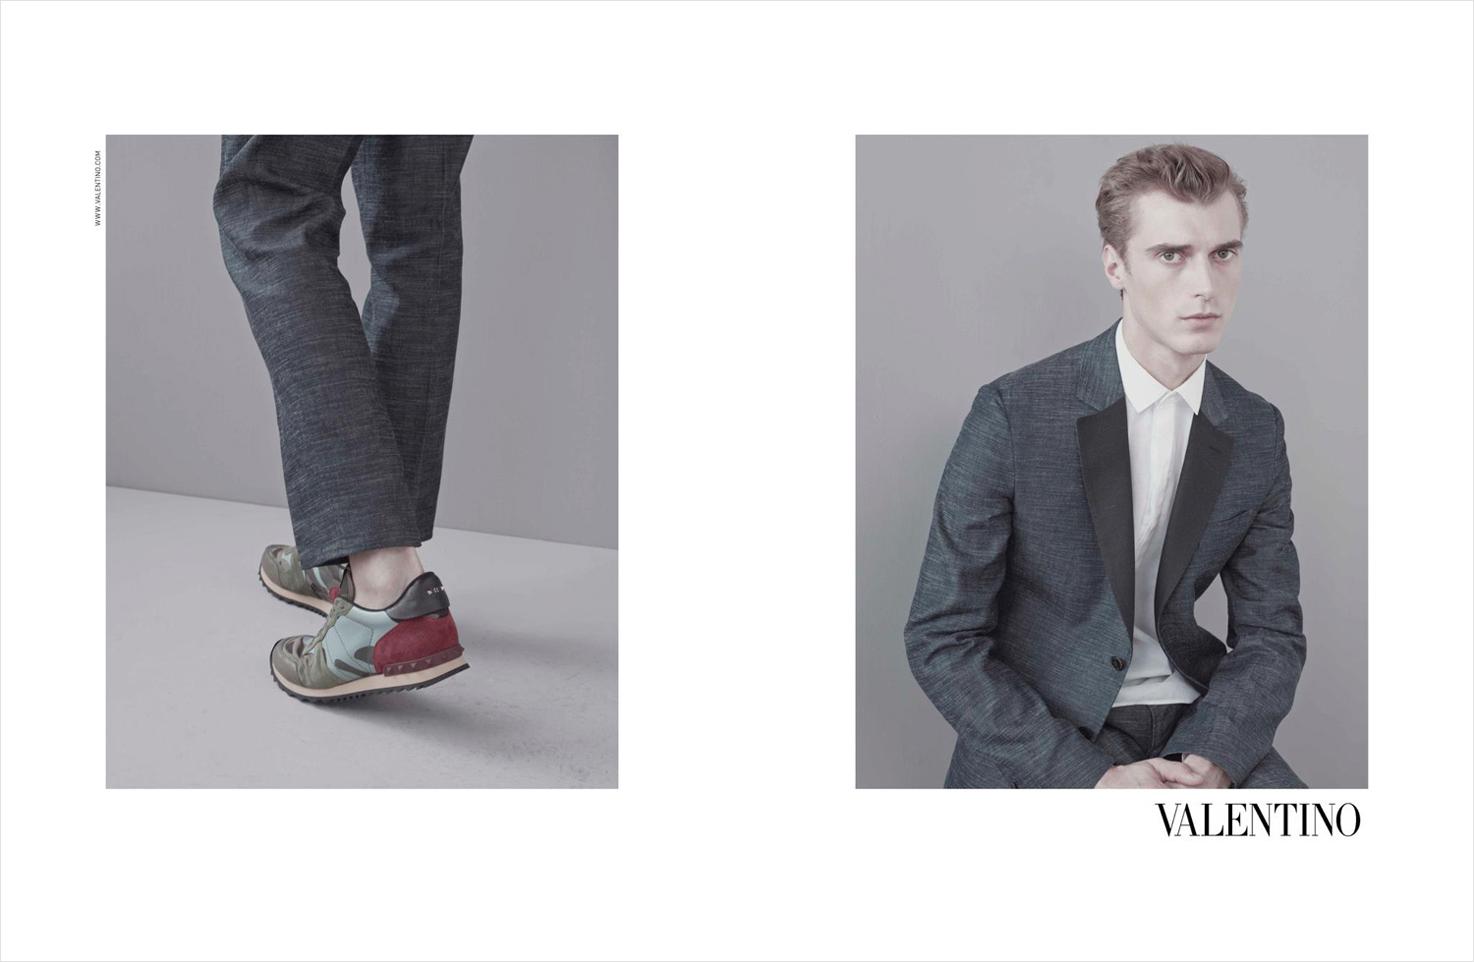 Valentino SS 2013 Campaign | Pablo Arroyo | Valentino | Numerique Retouch Photo Retouching Studio